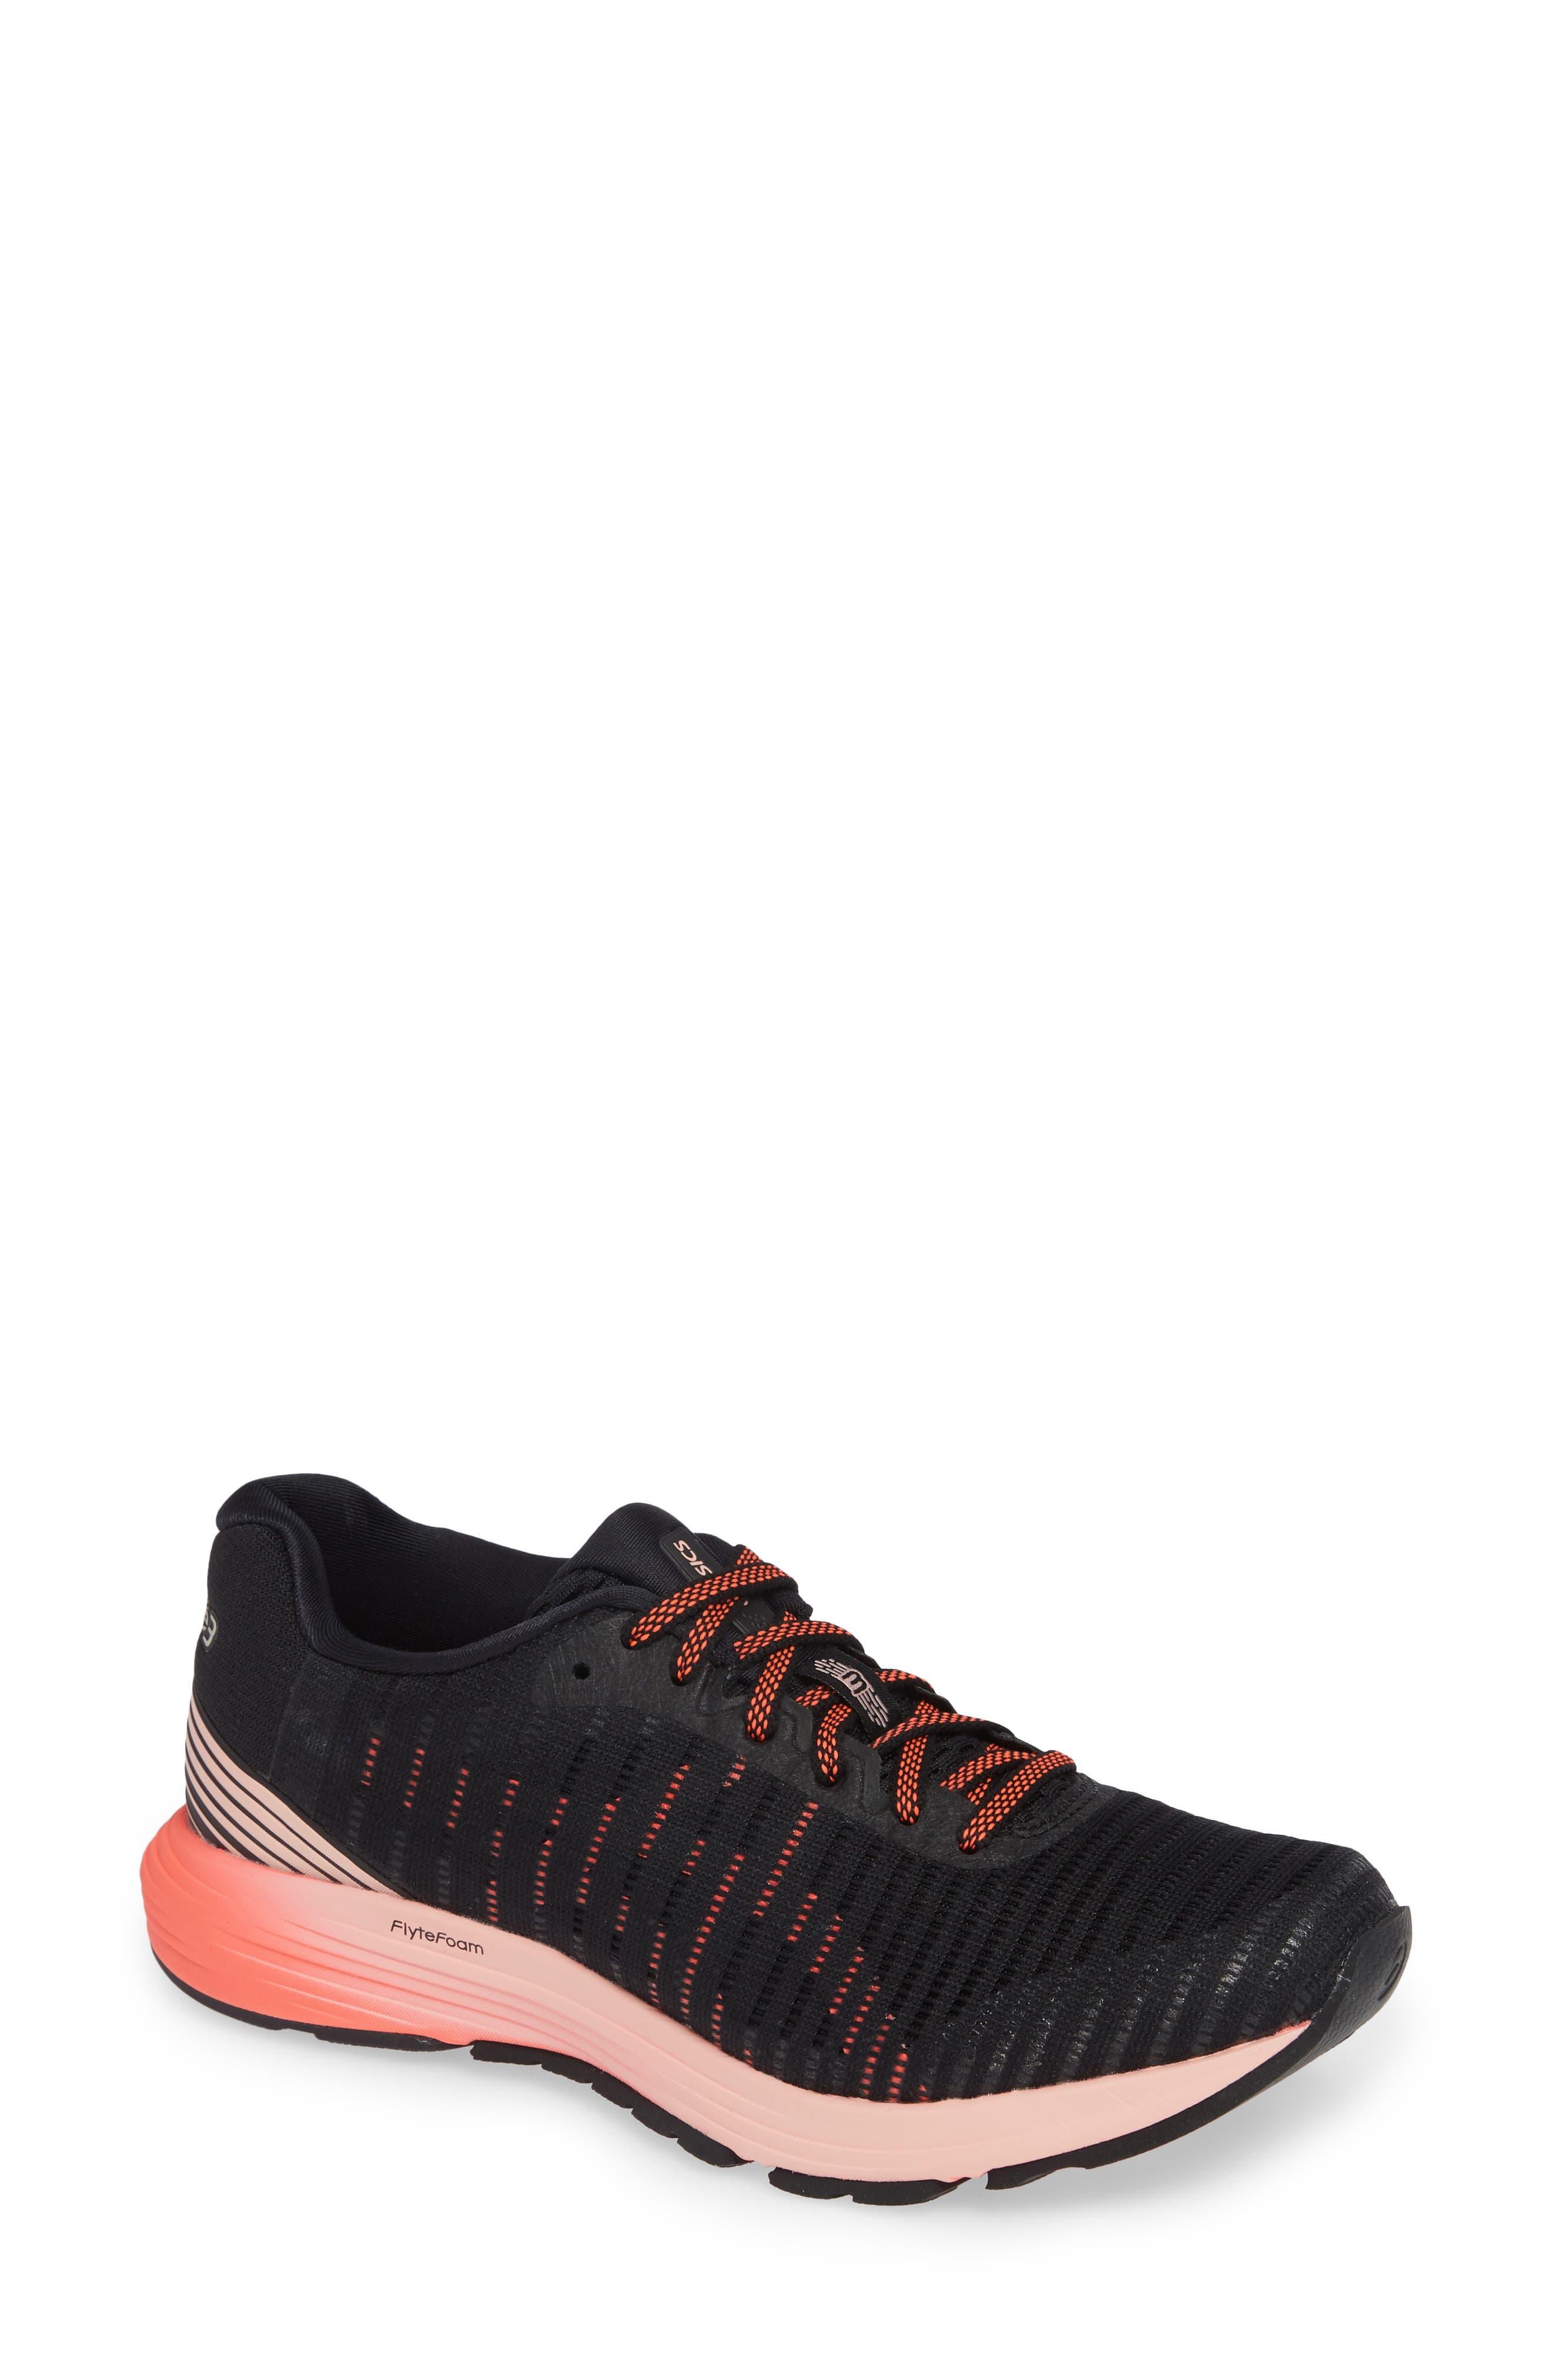 Asics Dynaflyte 3 Running Shoe